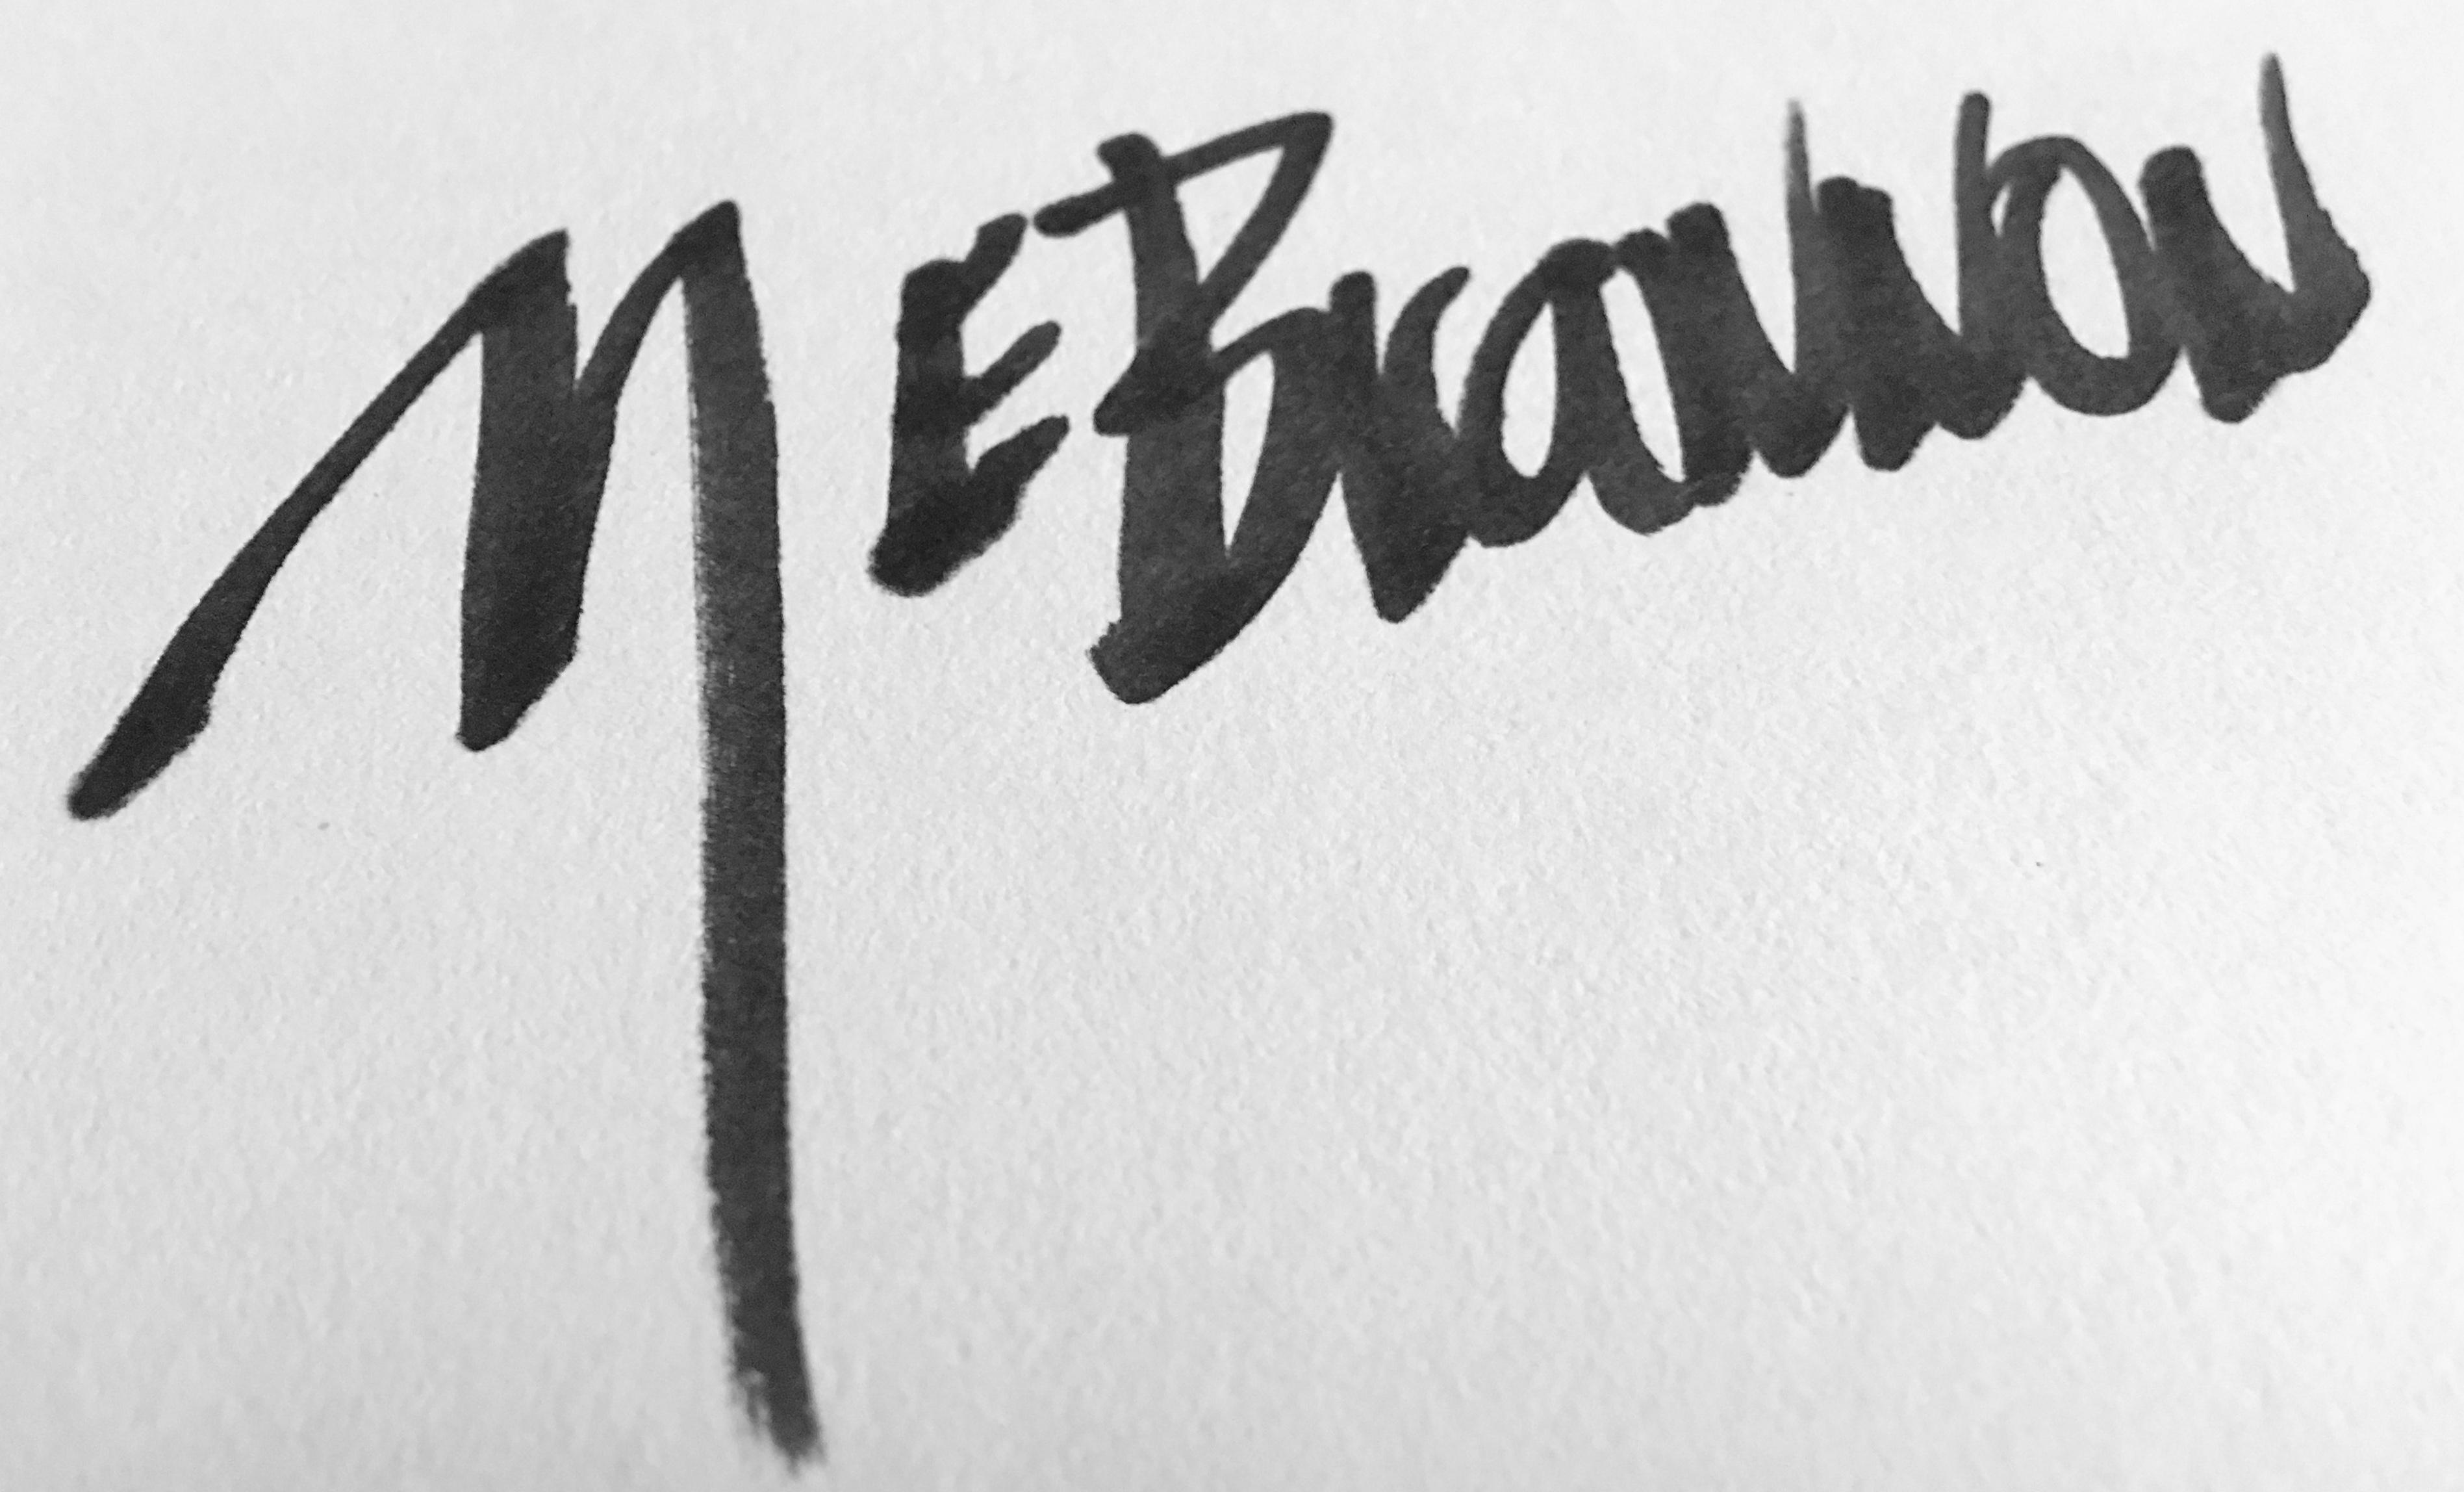 M E Brannon's Signature